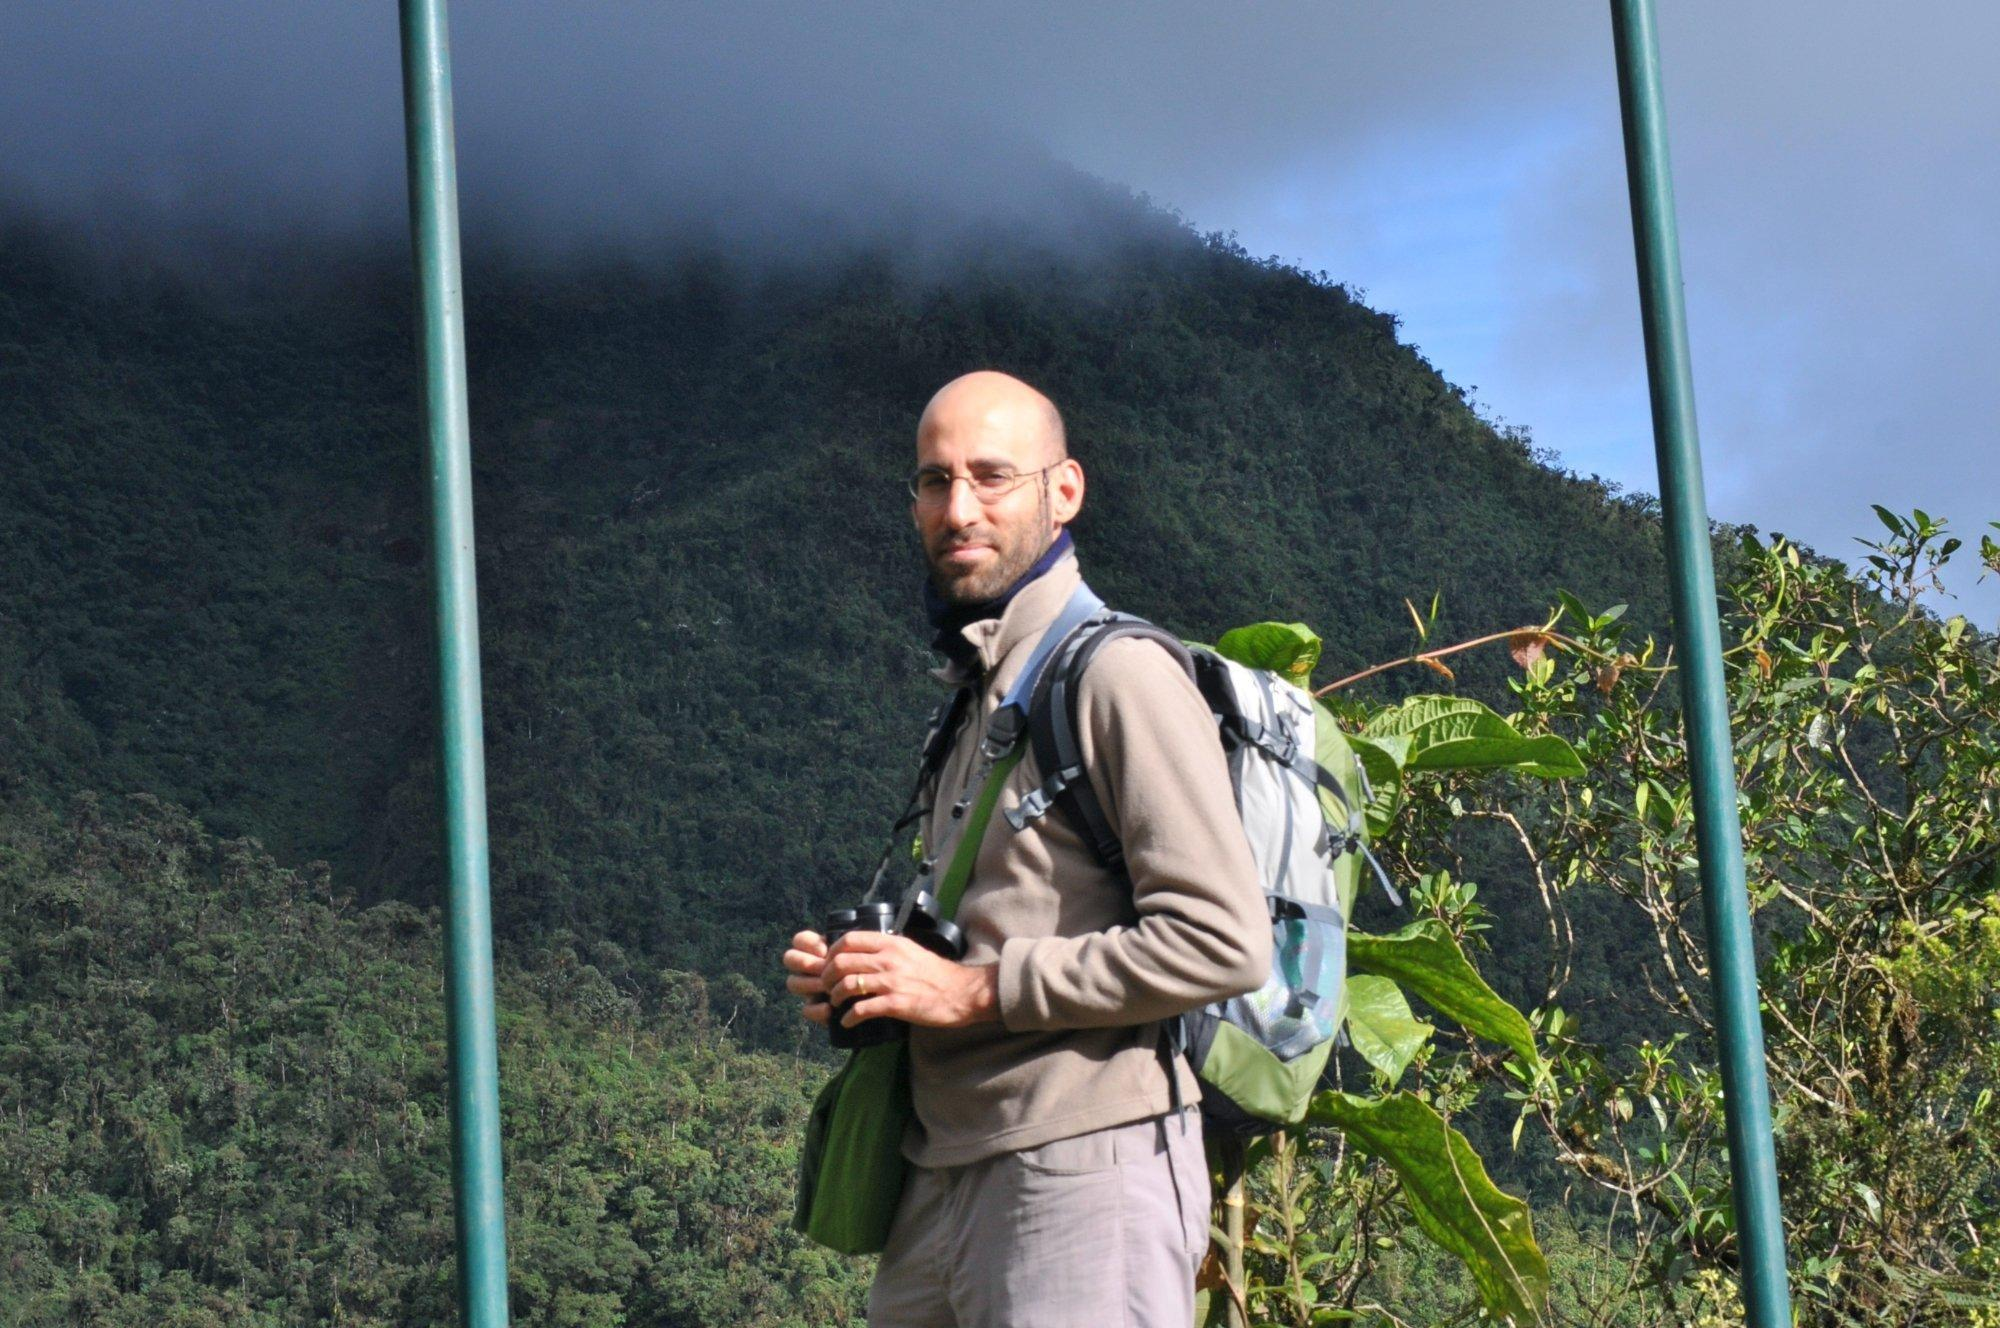 Ariel Brunner mit einem Fernglas in der Hand auf einer Wiese in Ecuador